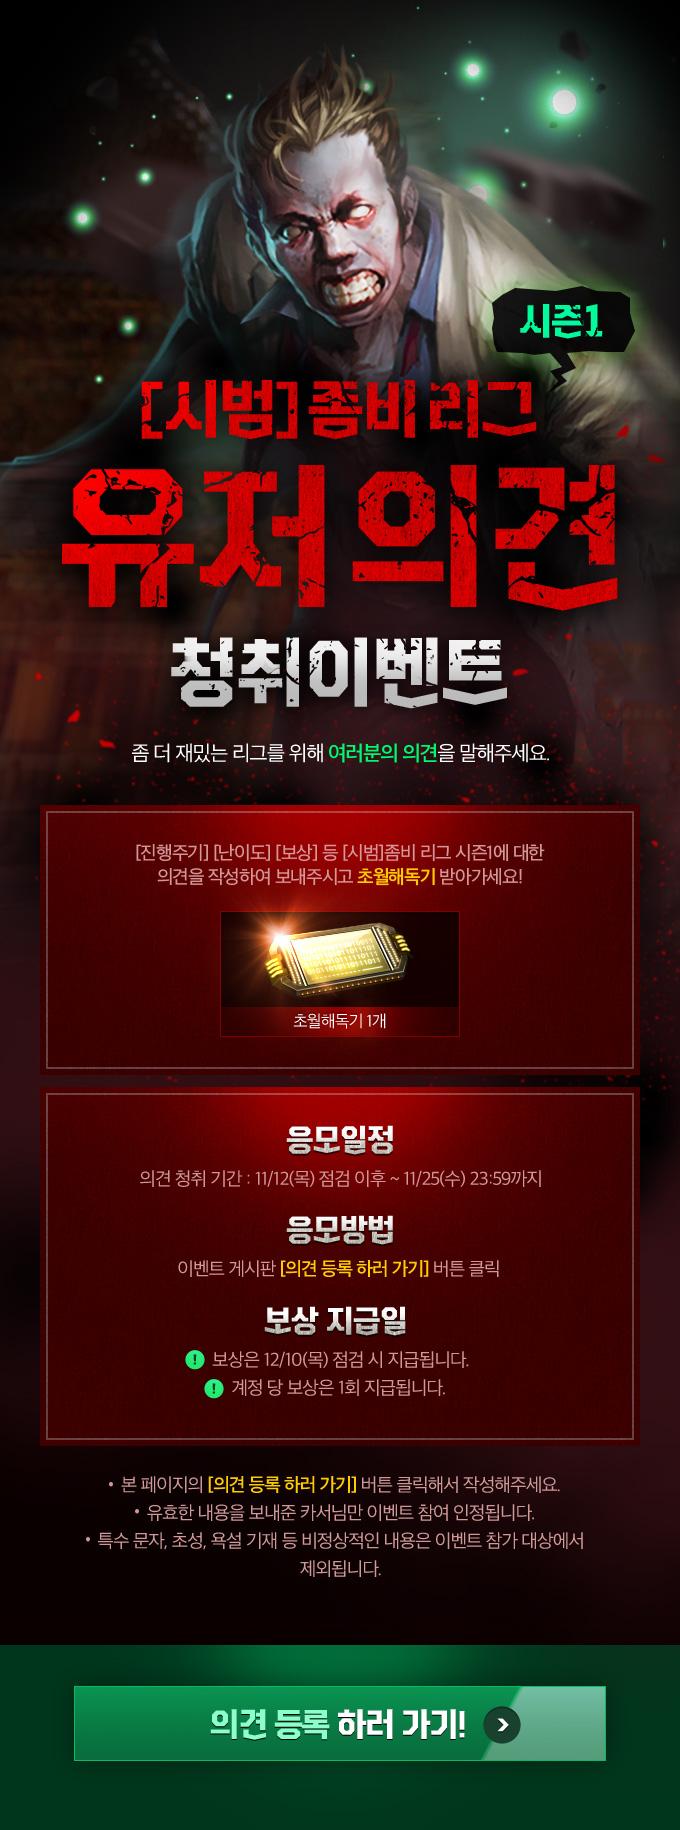 시즌1 [시범] 좀비리그 유저 의견 청취 이벤트!